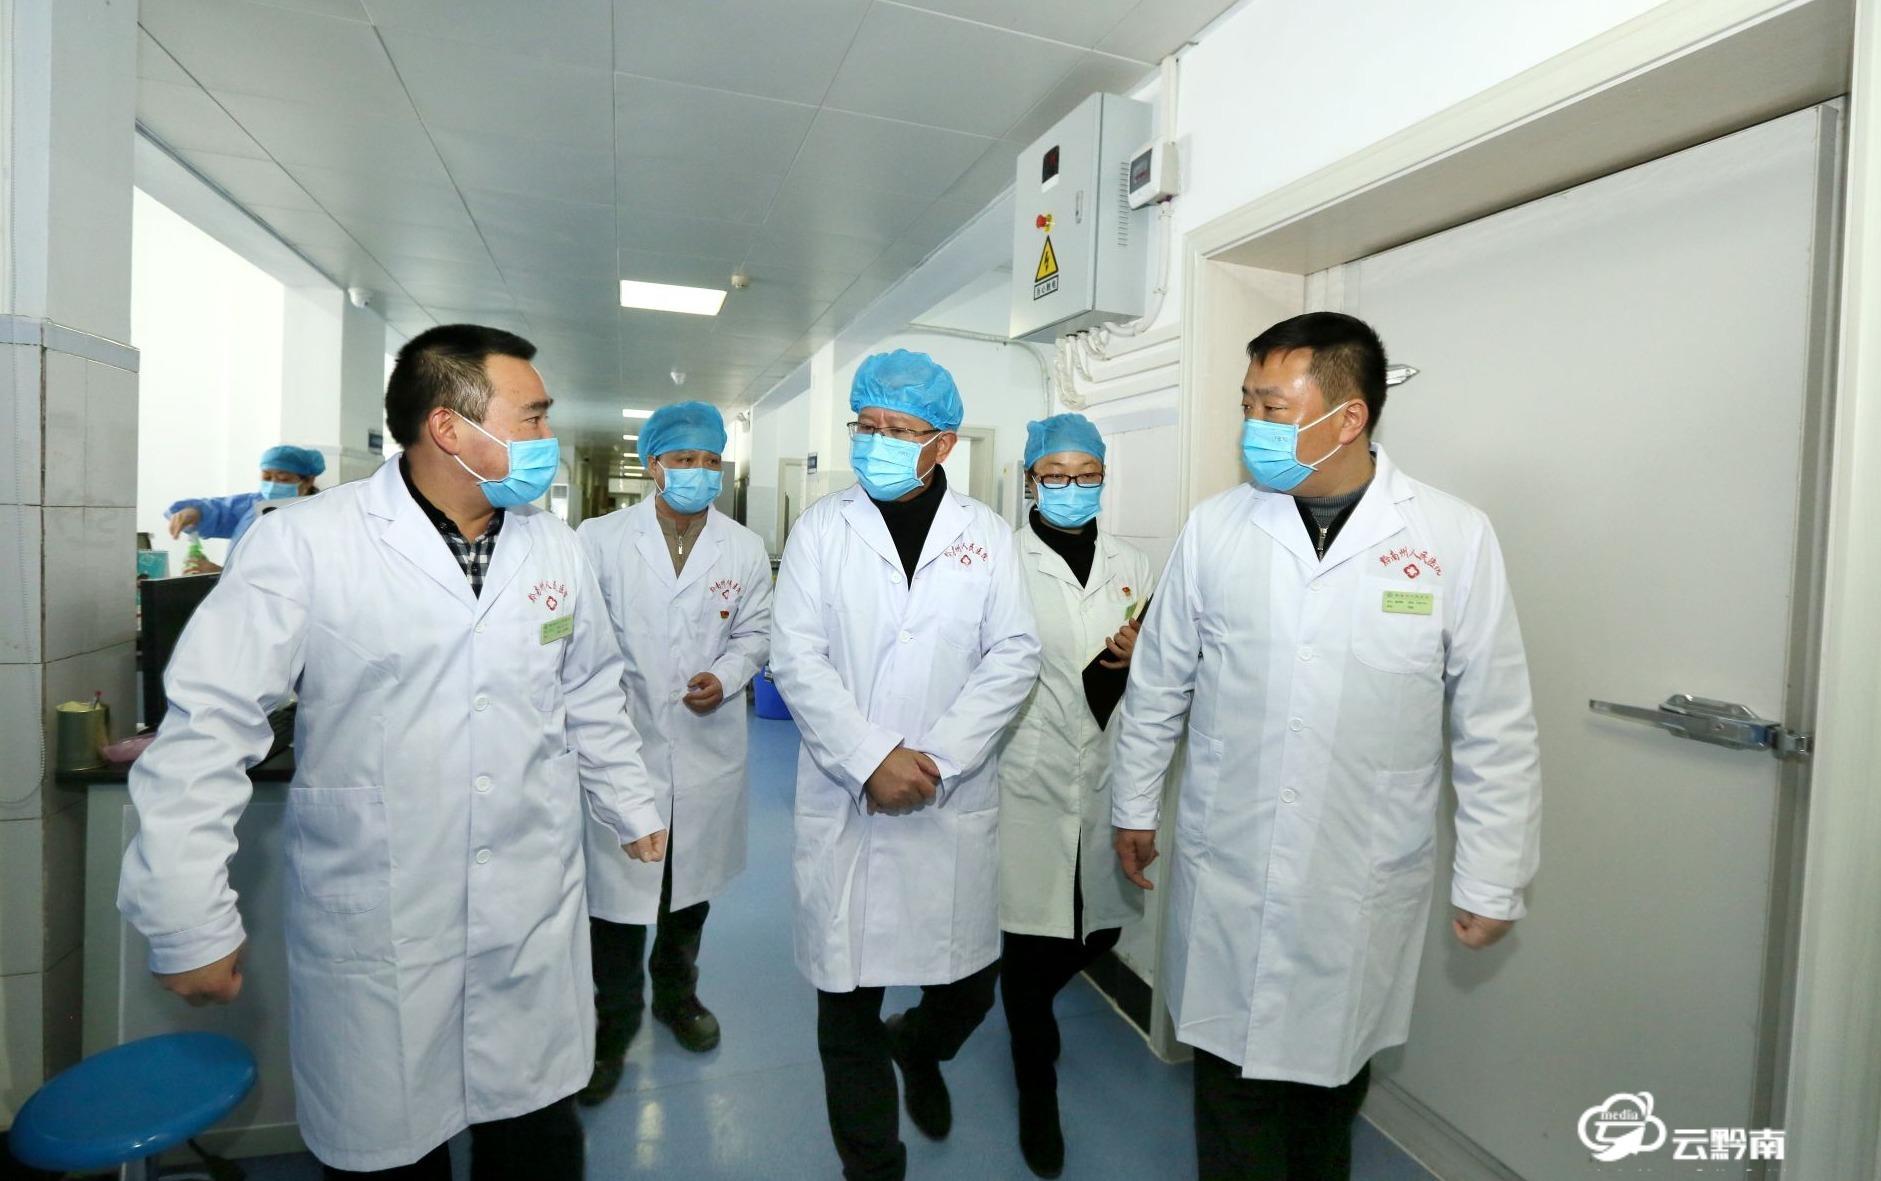 唐德智到医疗机构、疾控部门检查调研新型冠状病毒感染的肺炎疫情防控核酸检测工作